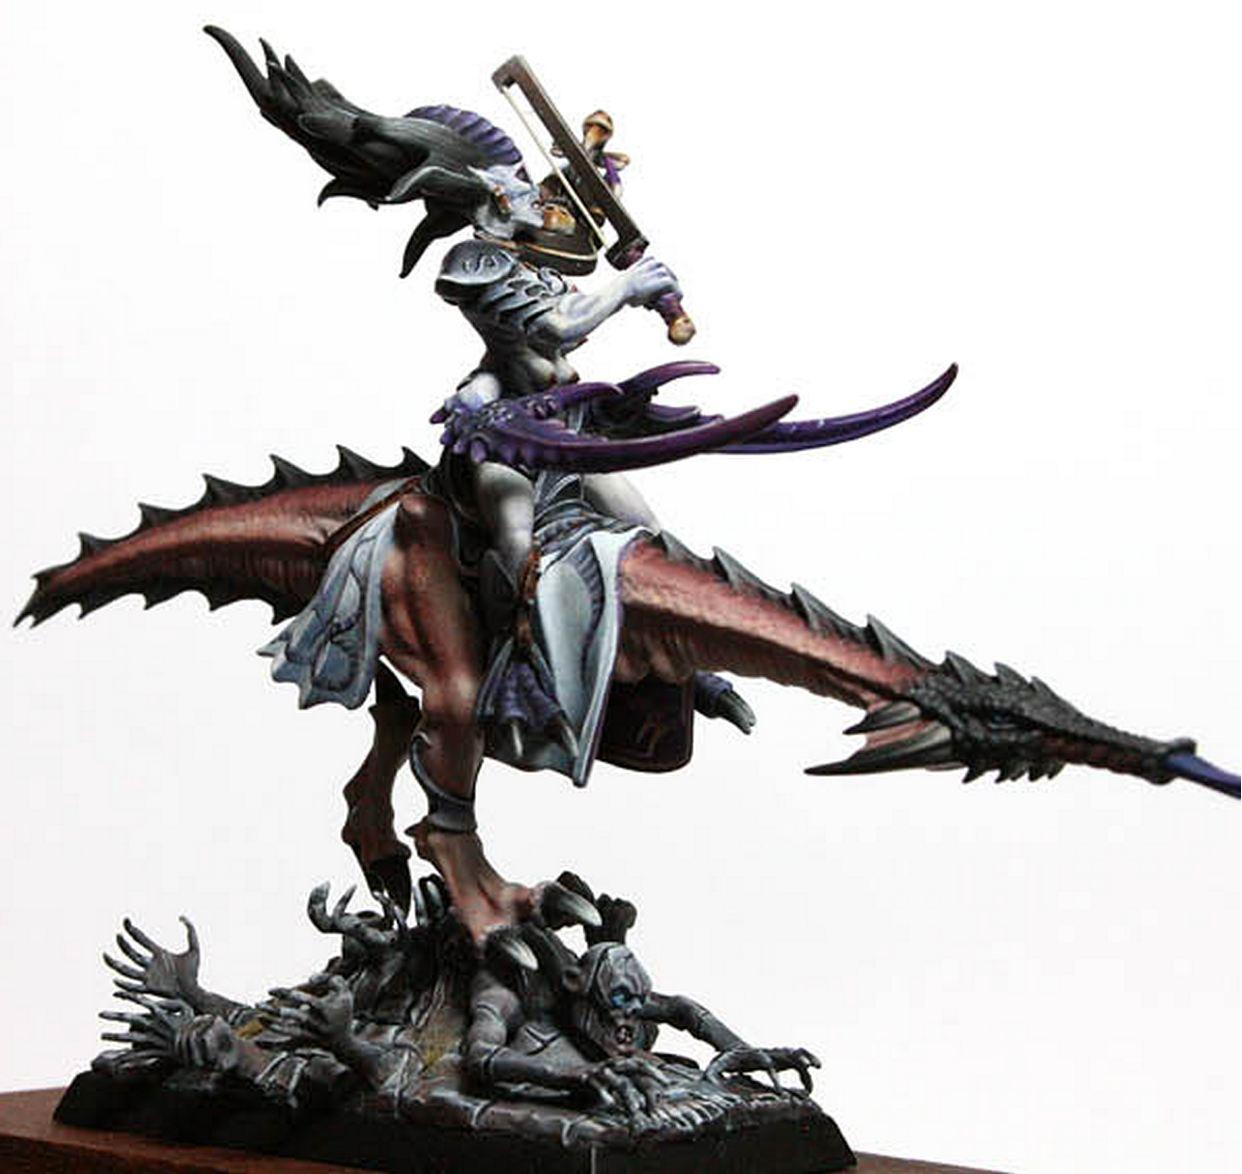 Warhammer Fantasy Miniatures Gallery: Golden Demon Award ...